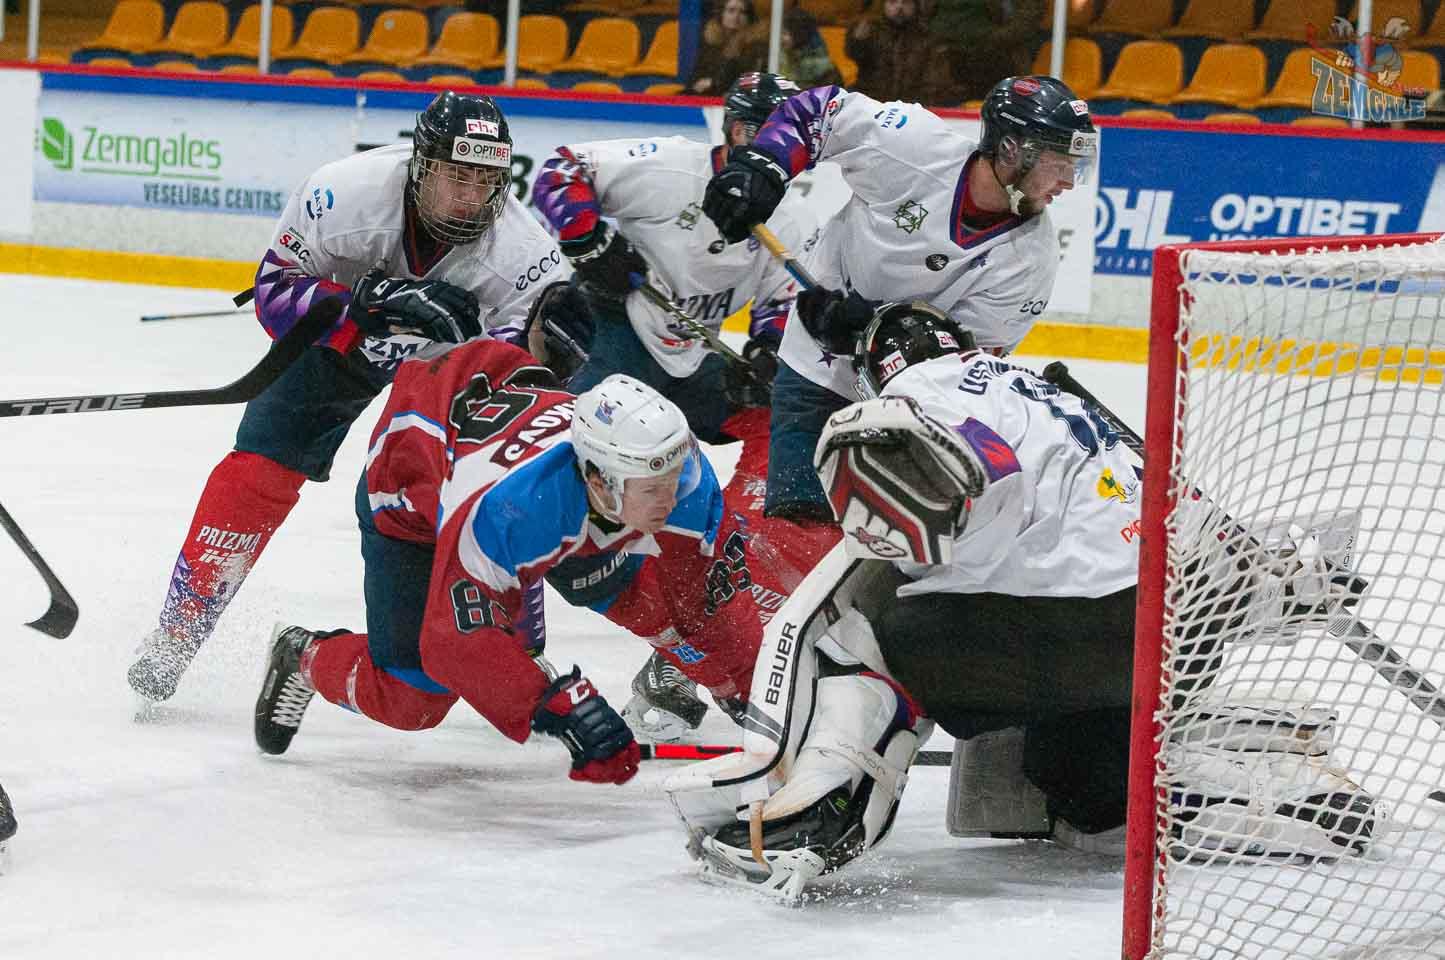 Hokejists nogāzts no kājām vārtu priekšā